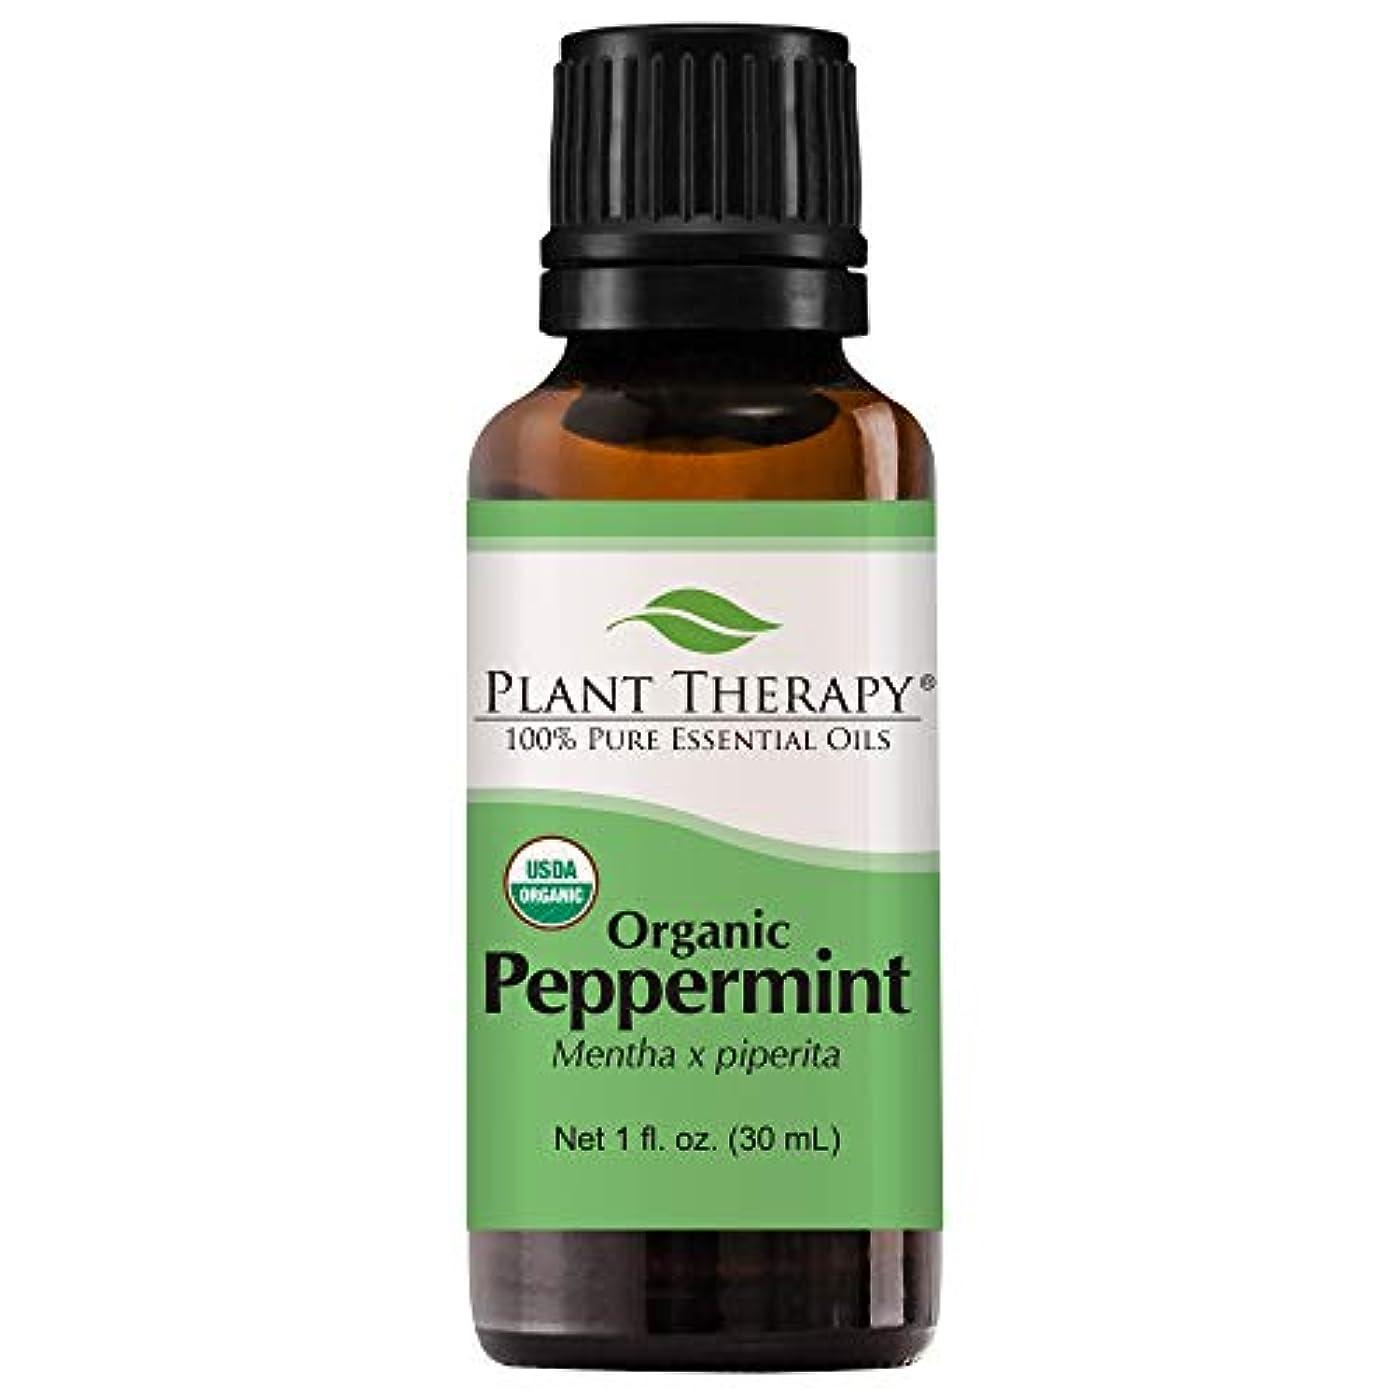 してはいけないぴったり締める植物セラピーUSDA認定オーガニックペパーミントエッセンシャルオイル。 100%ピュア、希釈していない、治療グレード。 30mLの(1オンス)。